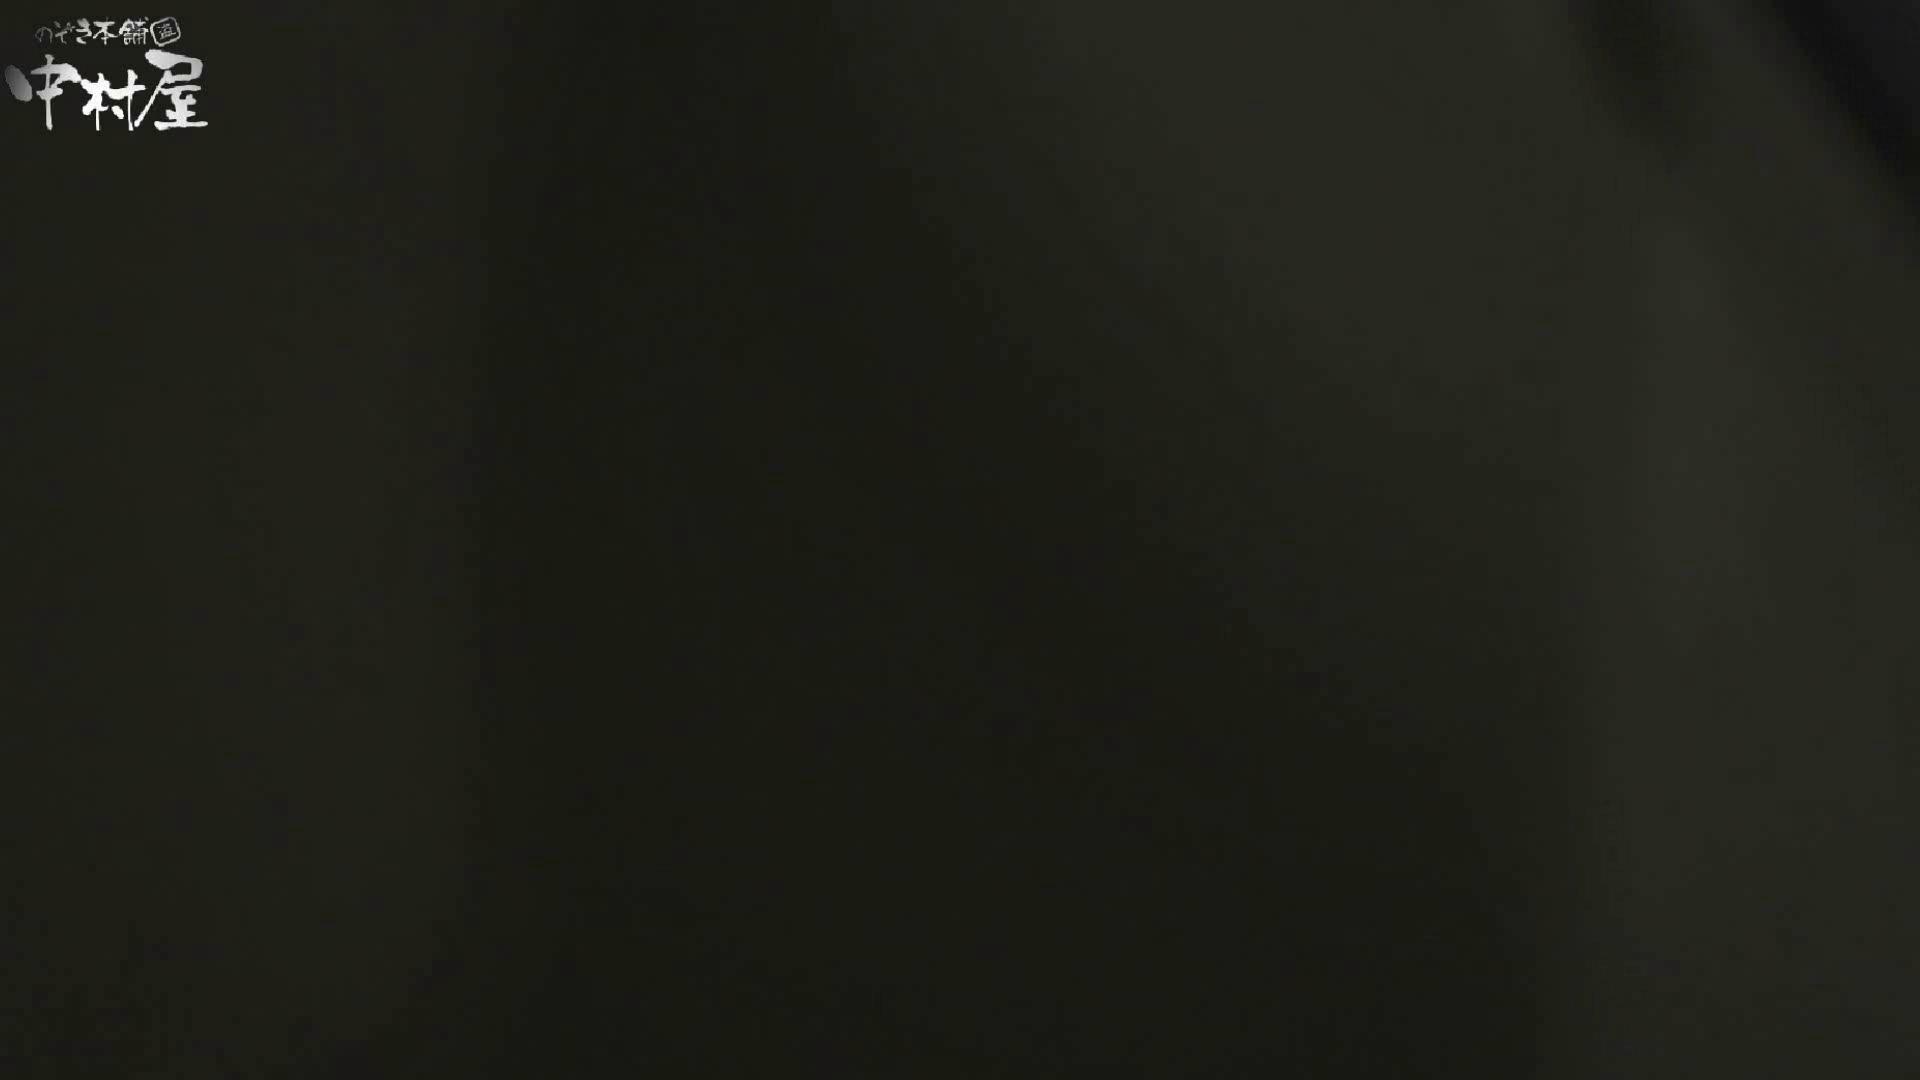 魂のかわや盗撮62連発! ロンハーギャル! 45発目! ギャルのエロ動画 スケベ動画紹介 102PIX 38